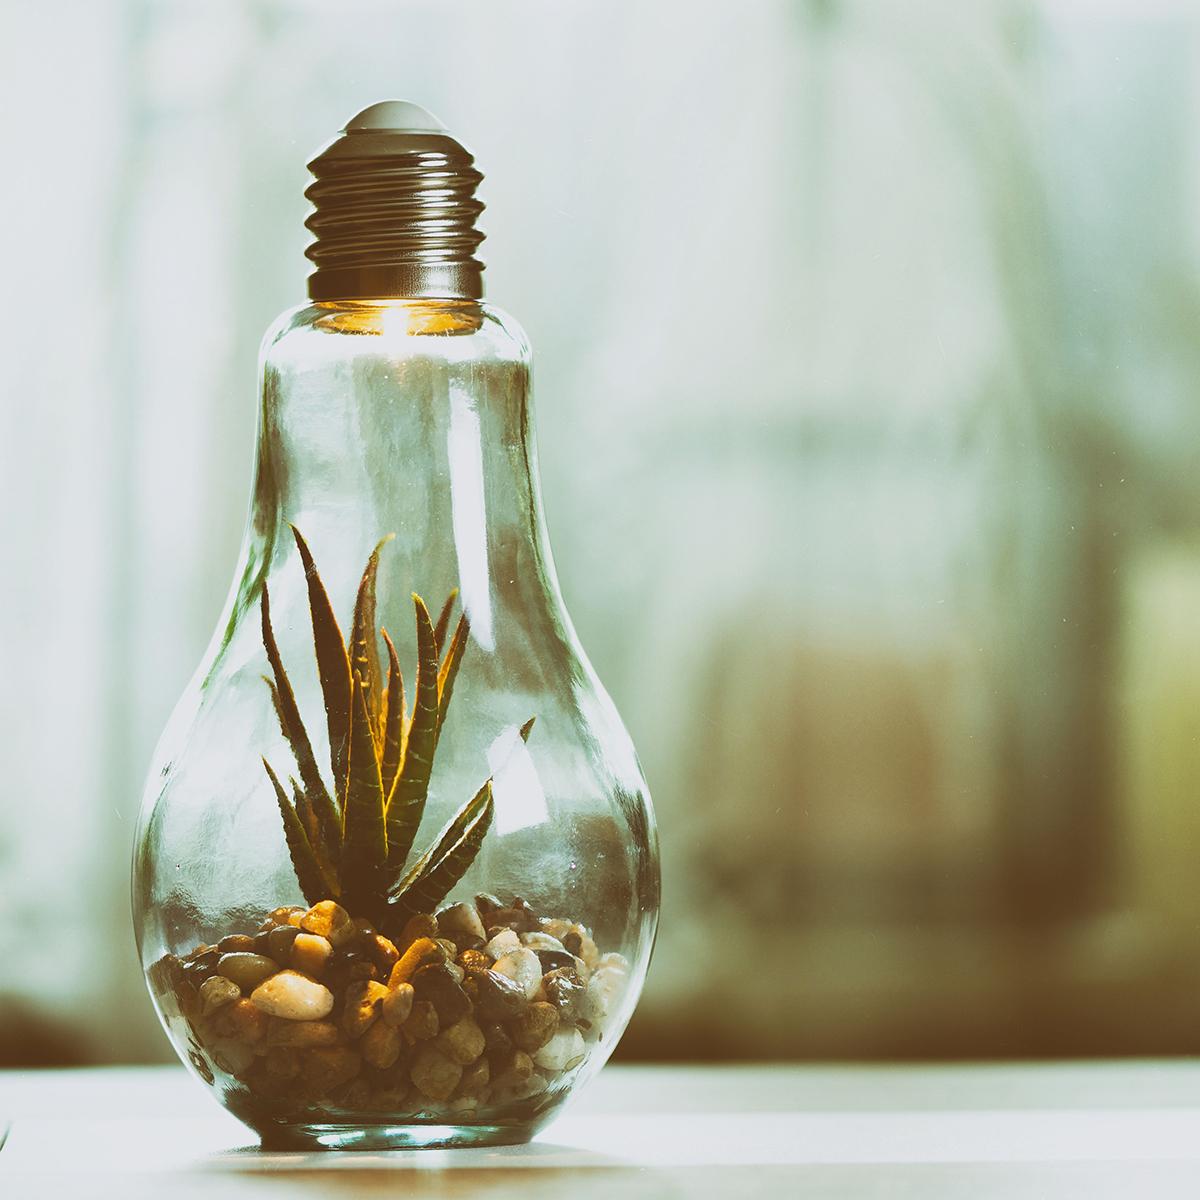 Glühbirne mit kleiner Pflanze